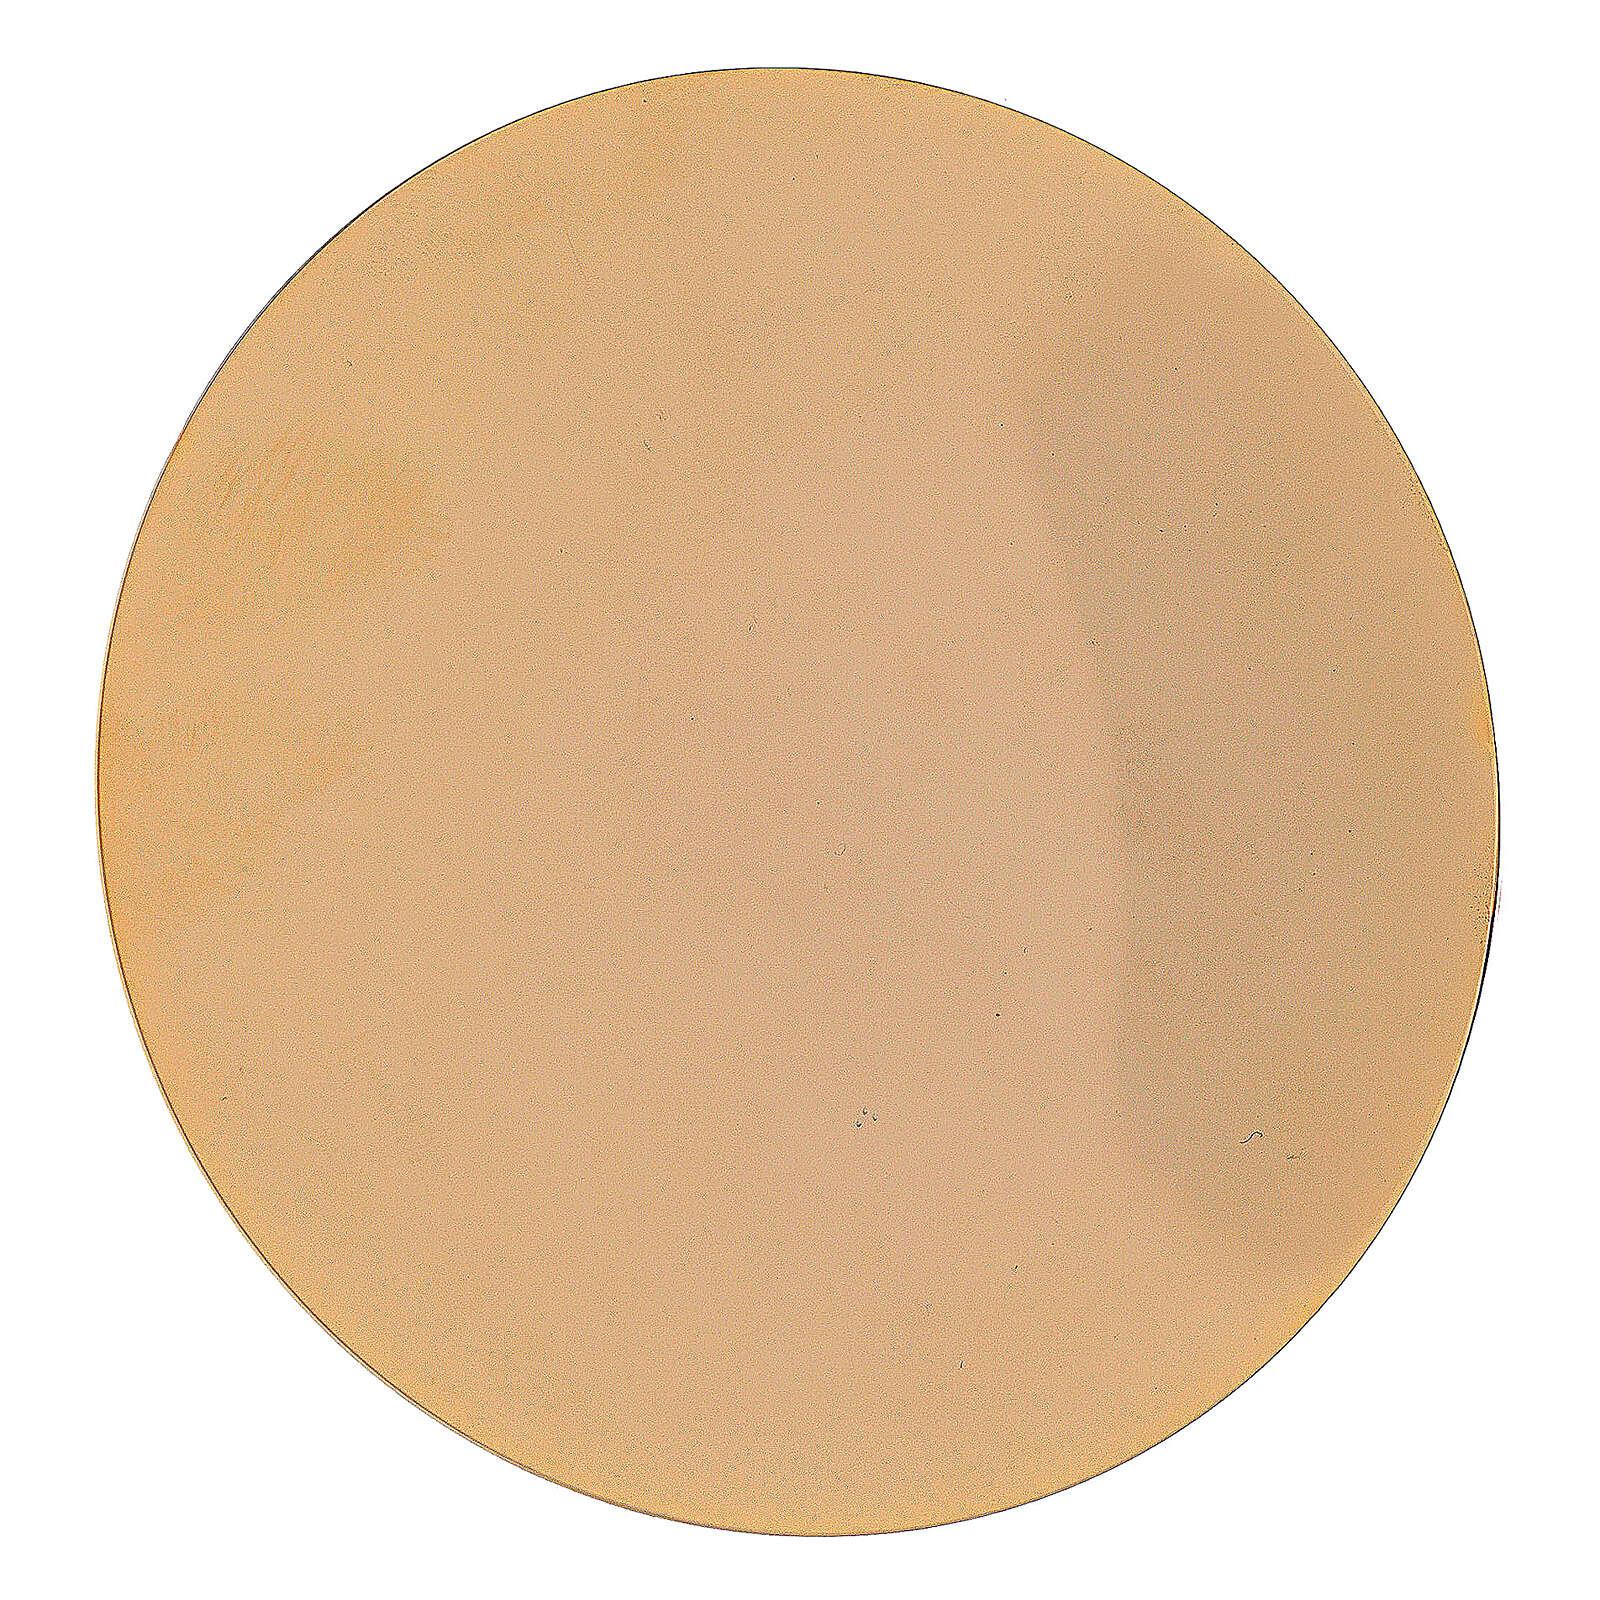 Maleta de abs con interior amarillo adamascado 3